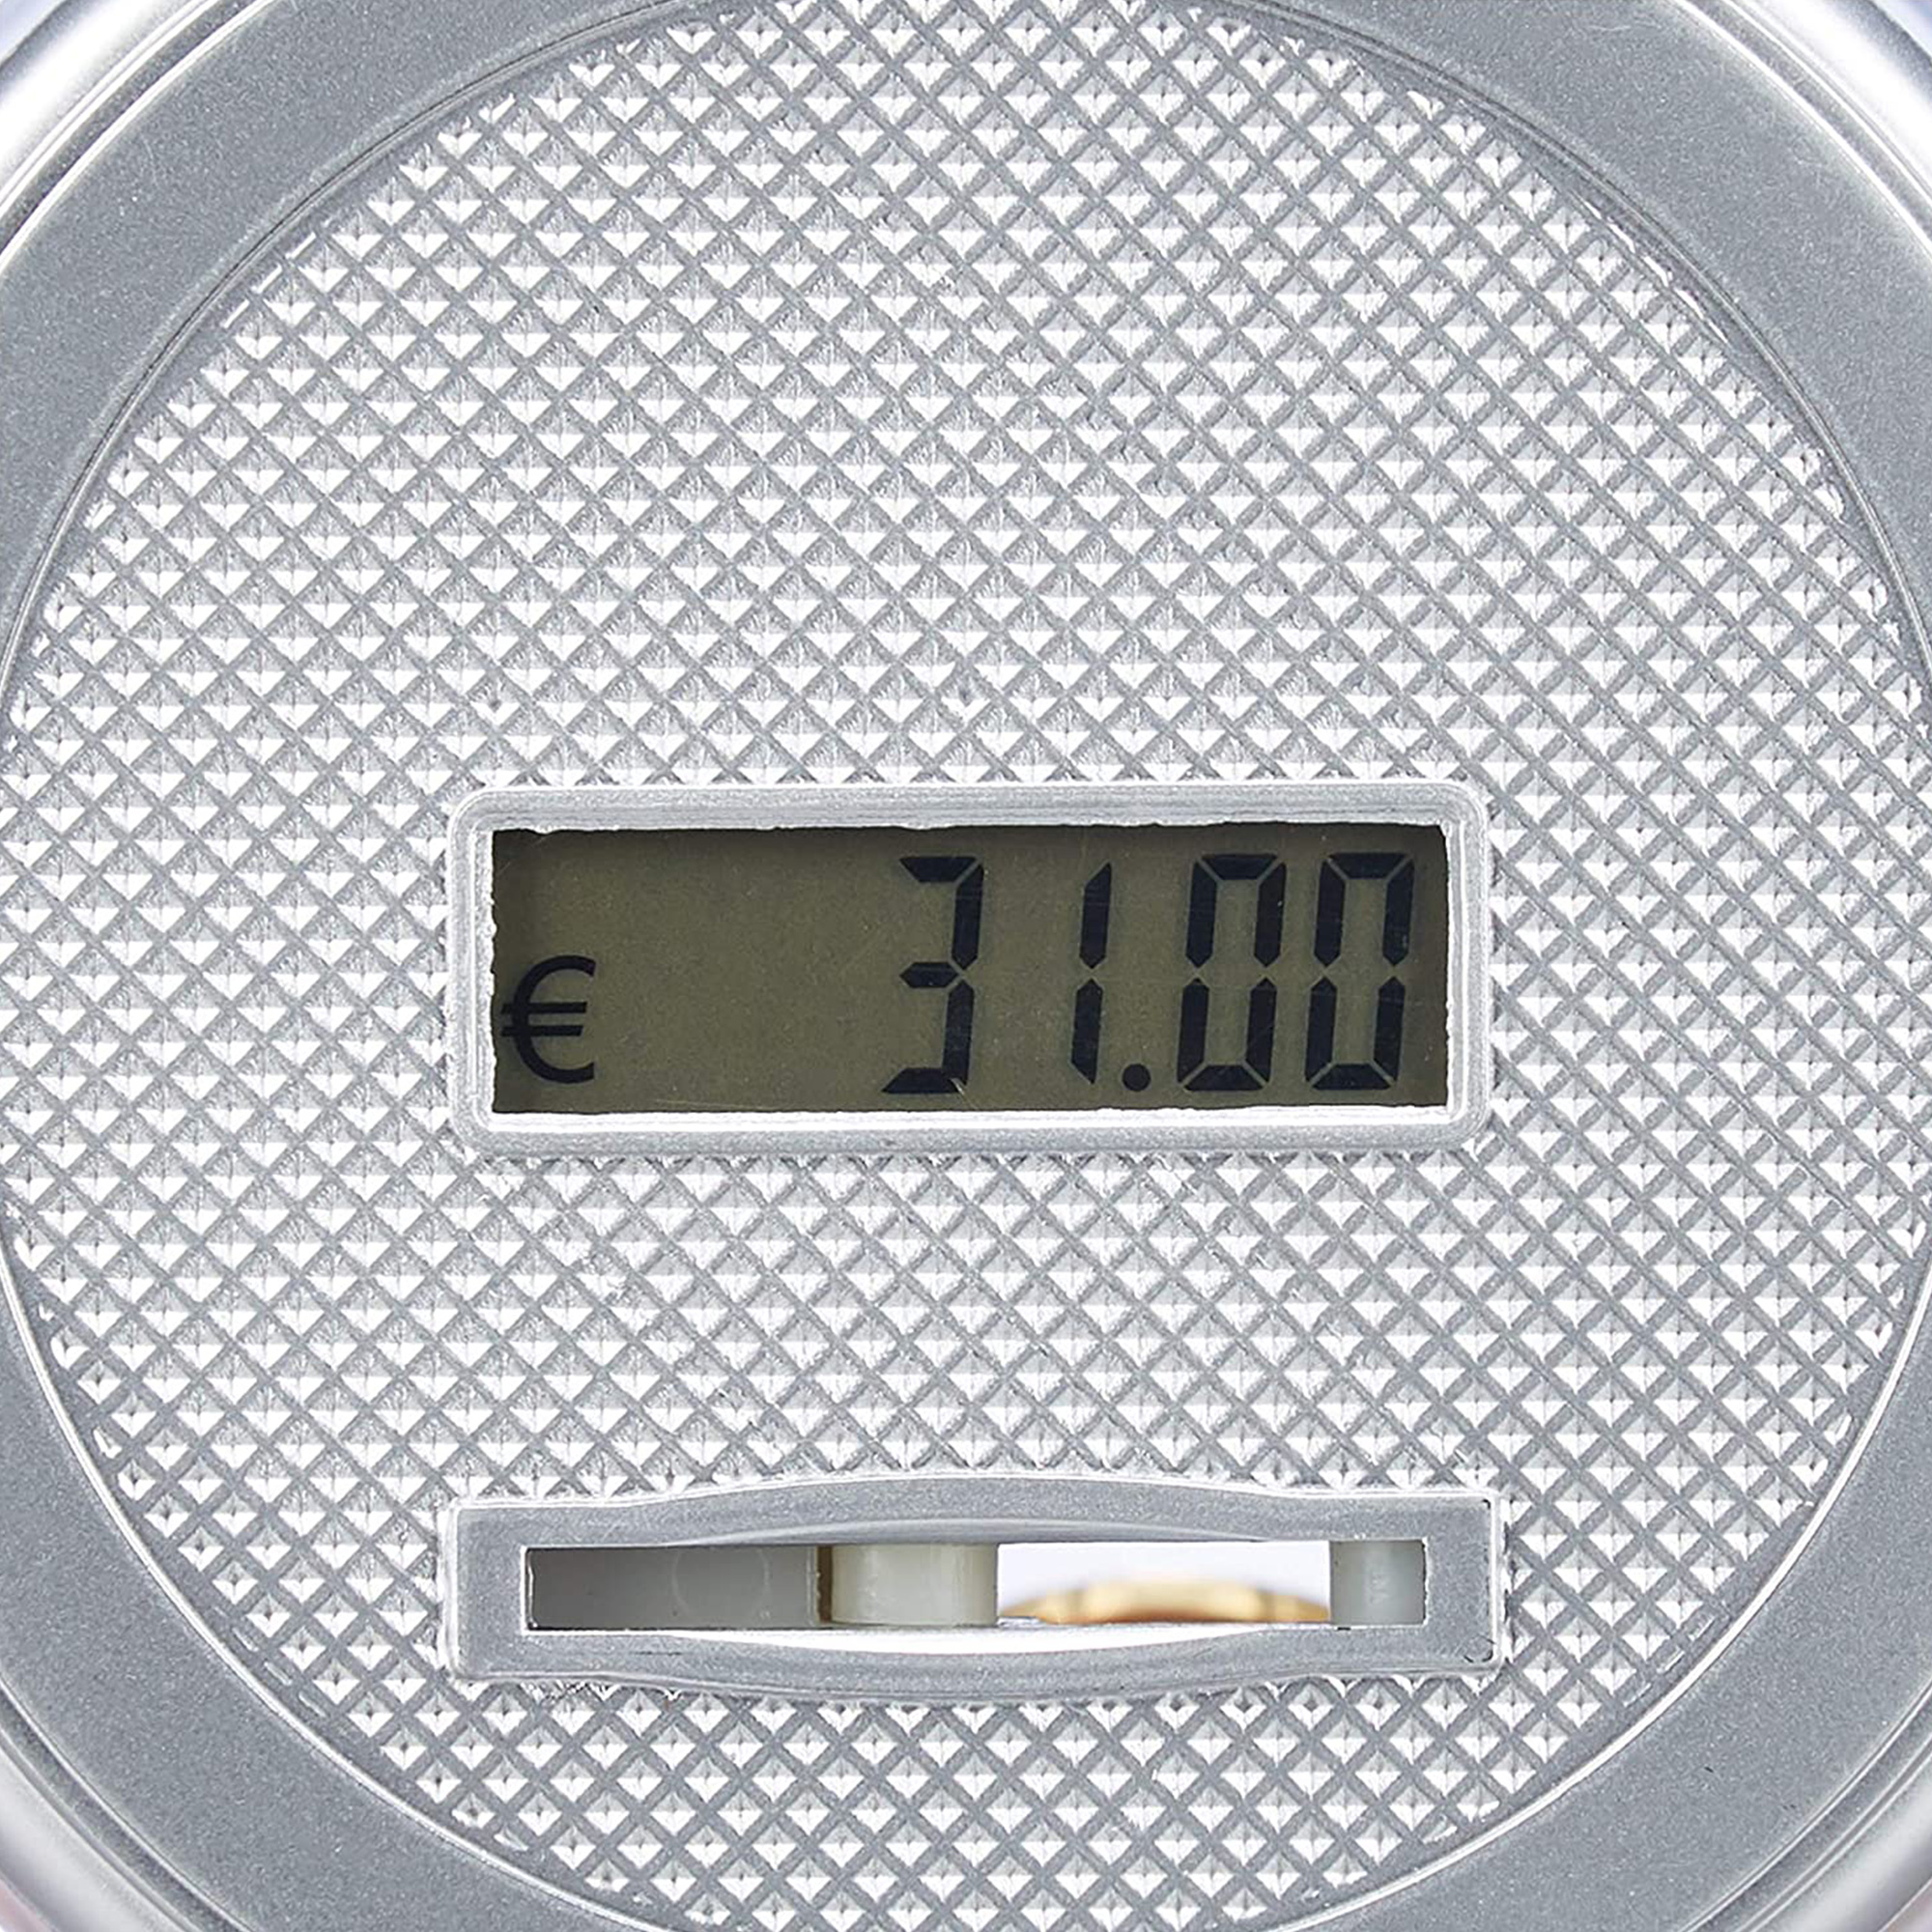 Spardose mit Zählwerk - Münzzähler - 2